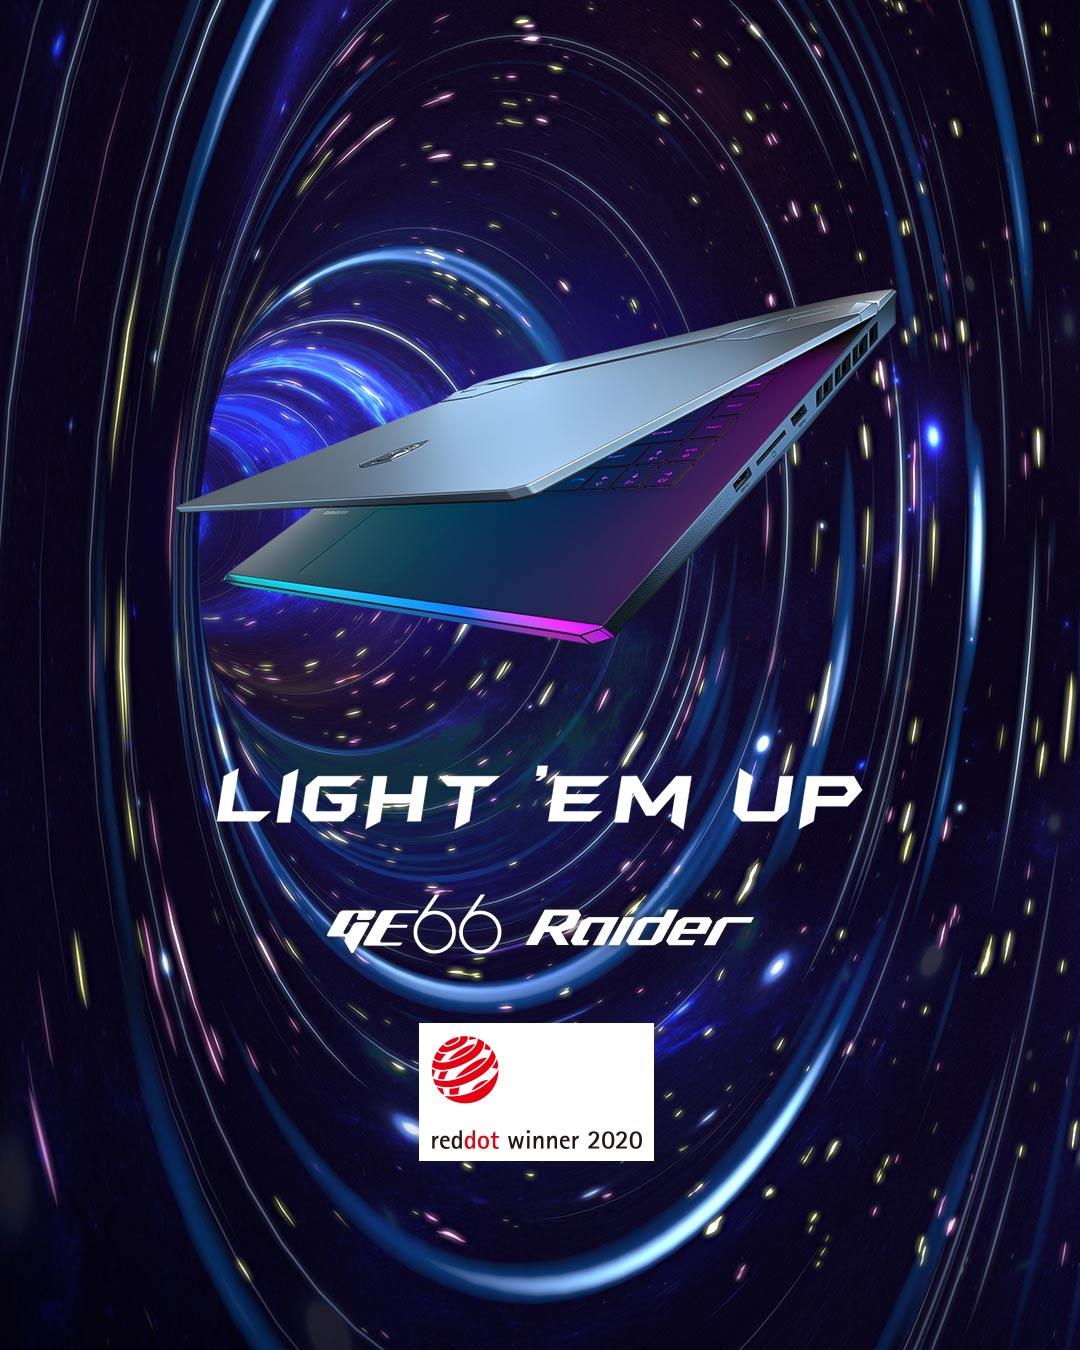 GE66 RAIDER LIGH'EM UP